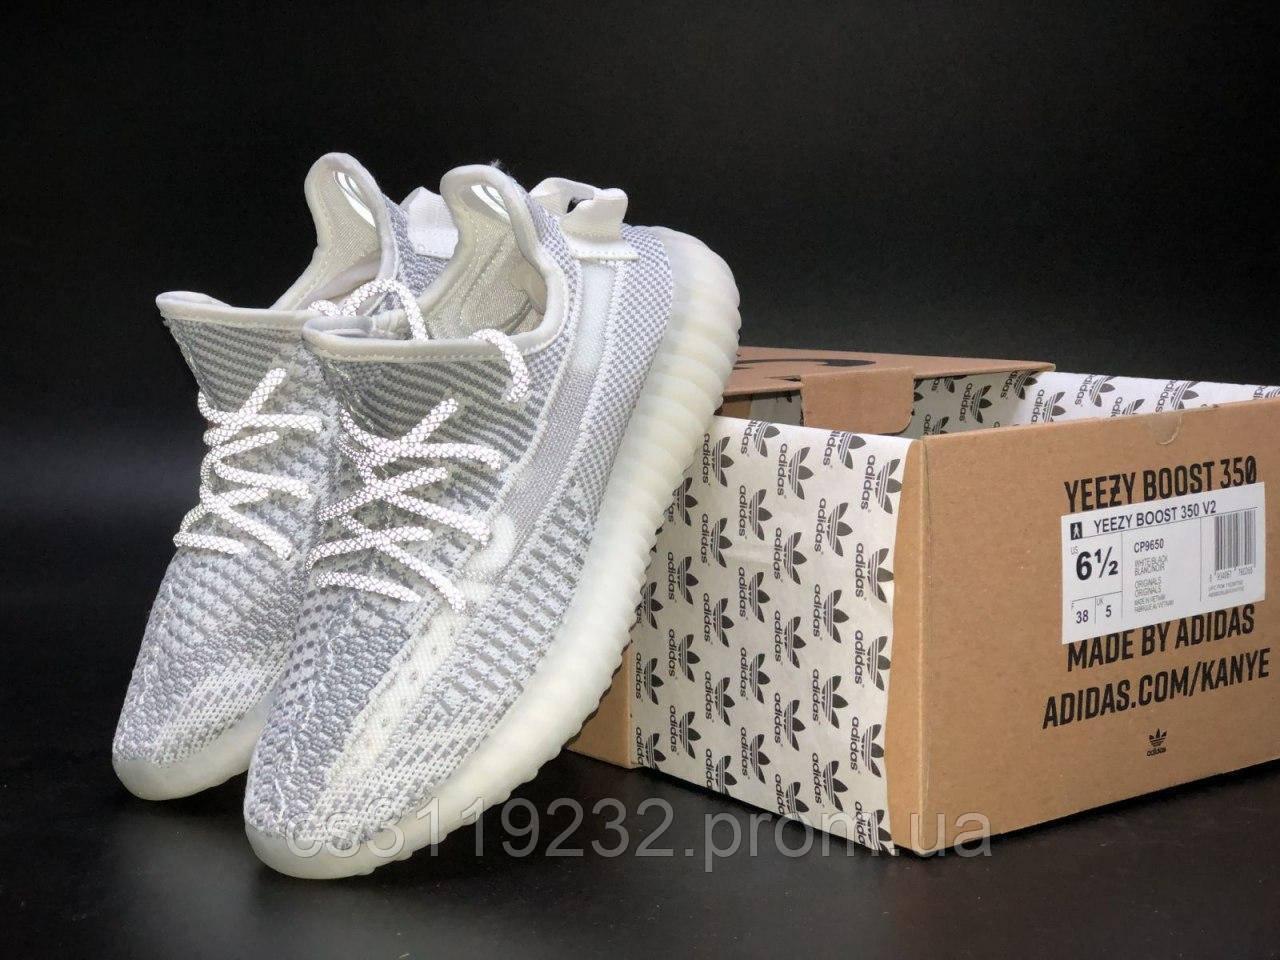 Женские кроссовки Adidas Yeezy 350 v2 Static Reflective (бело-серые, рефлектив шнурки)